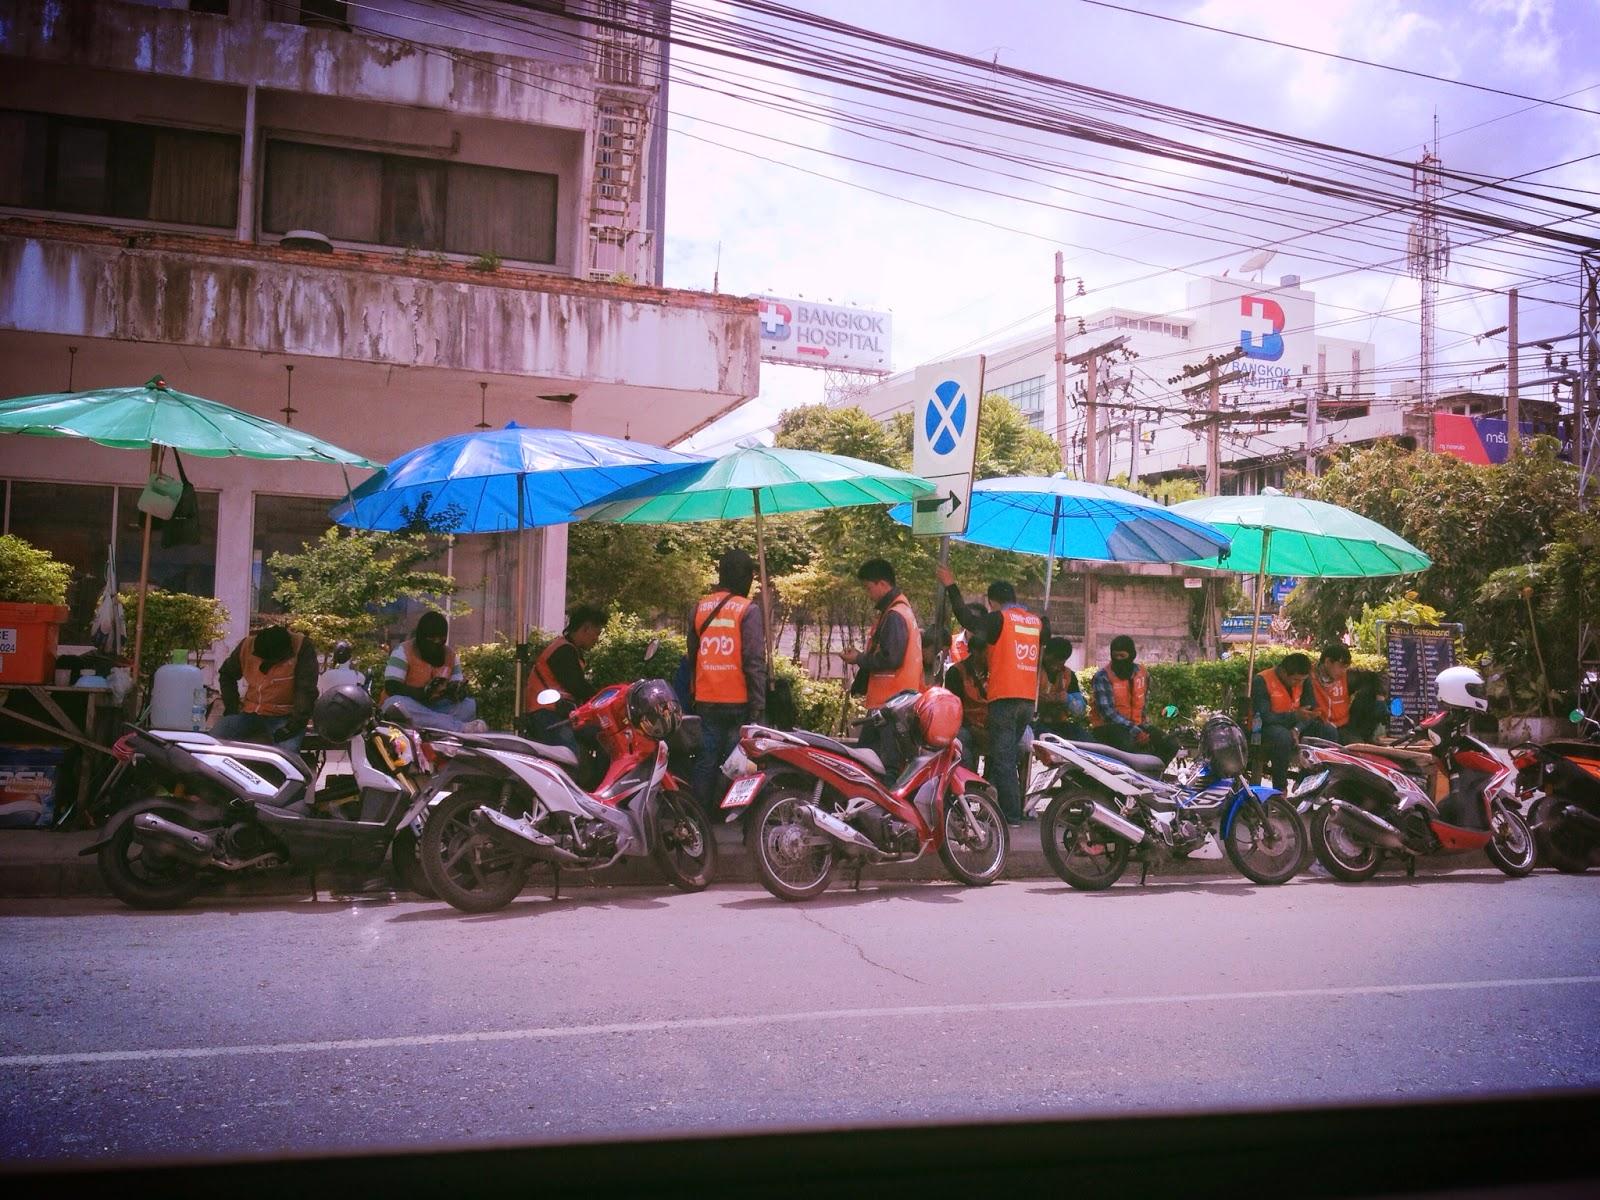 Bangkok - Motorcycle rides for hire